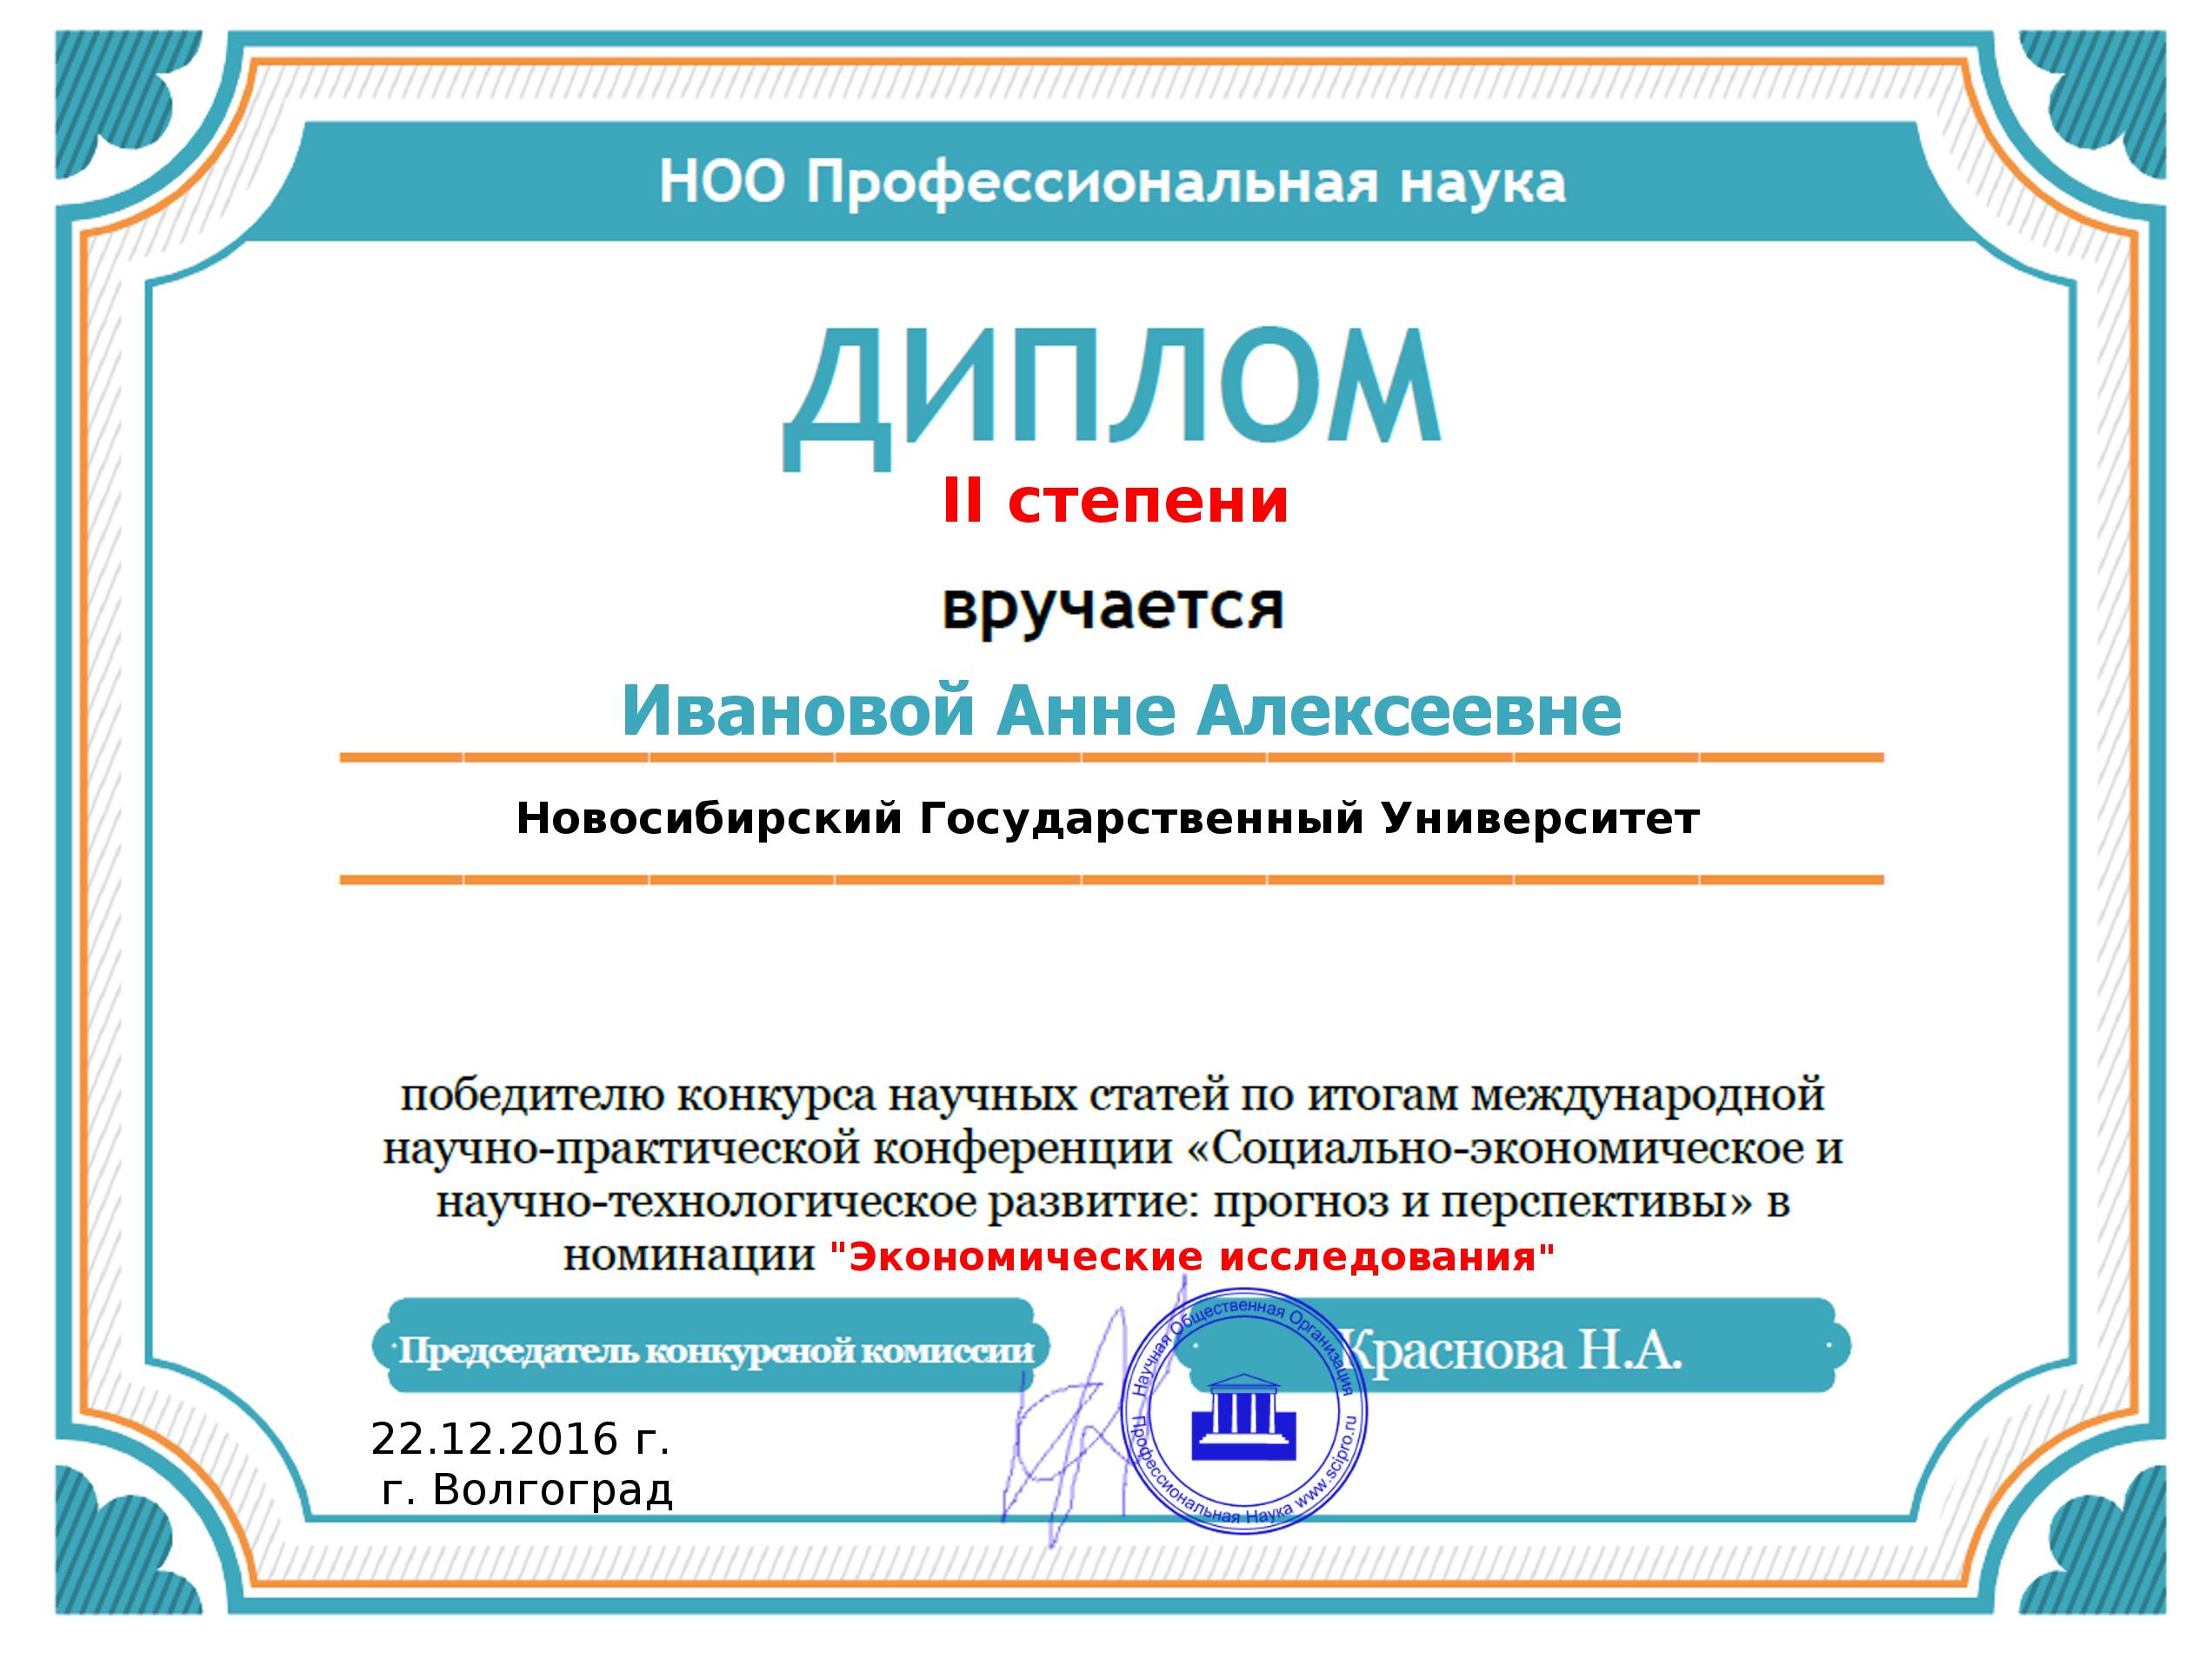 diploma_new